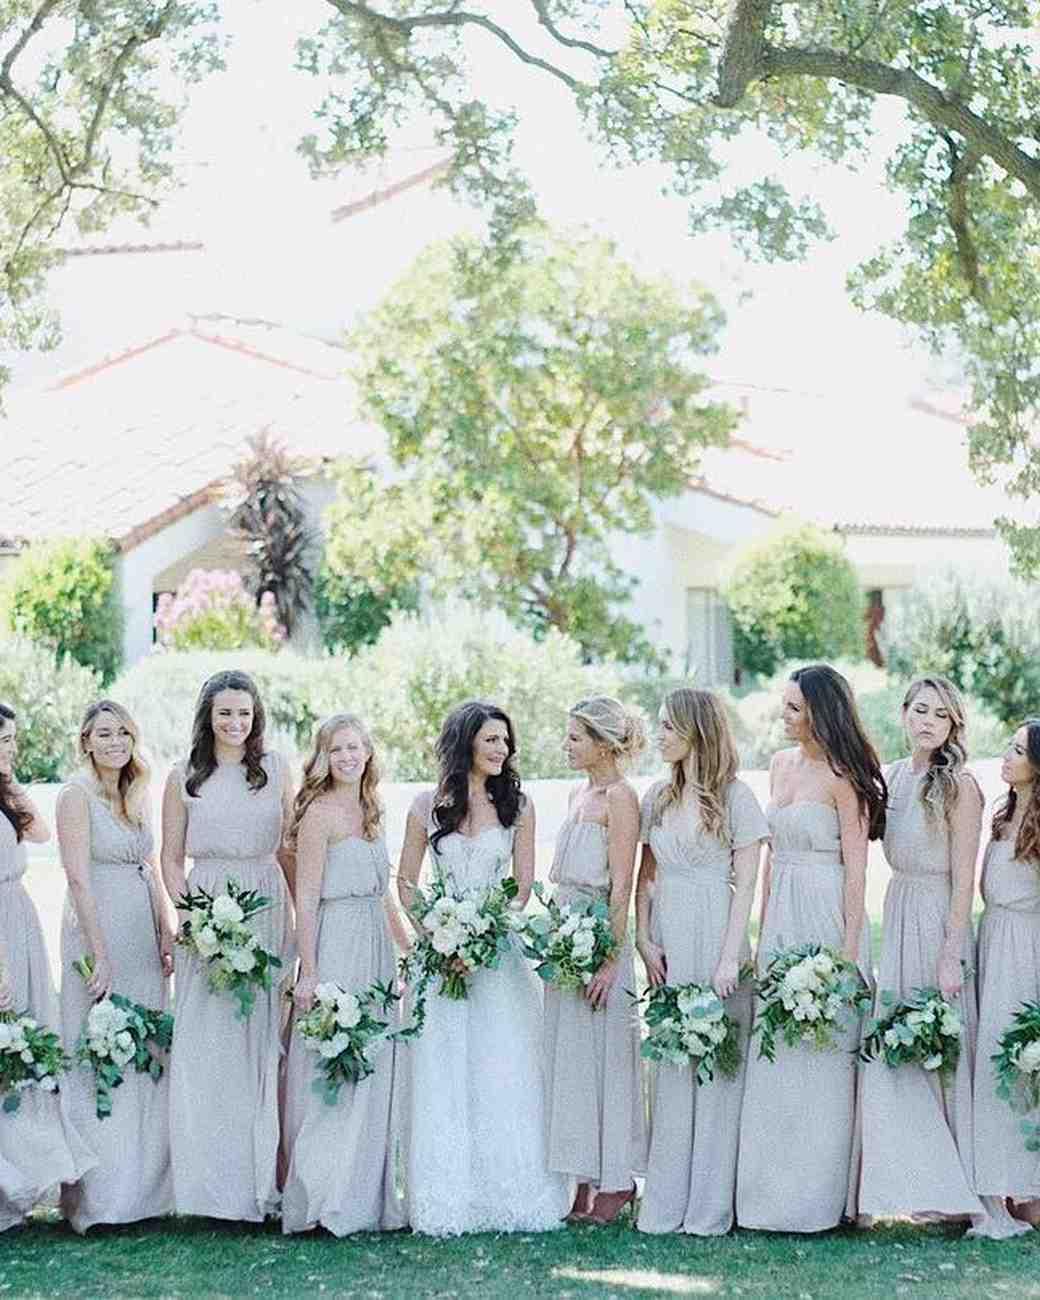 Lauren Conrad Bridesmaid in Paper Crown with Lo Bosworth